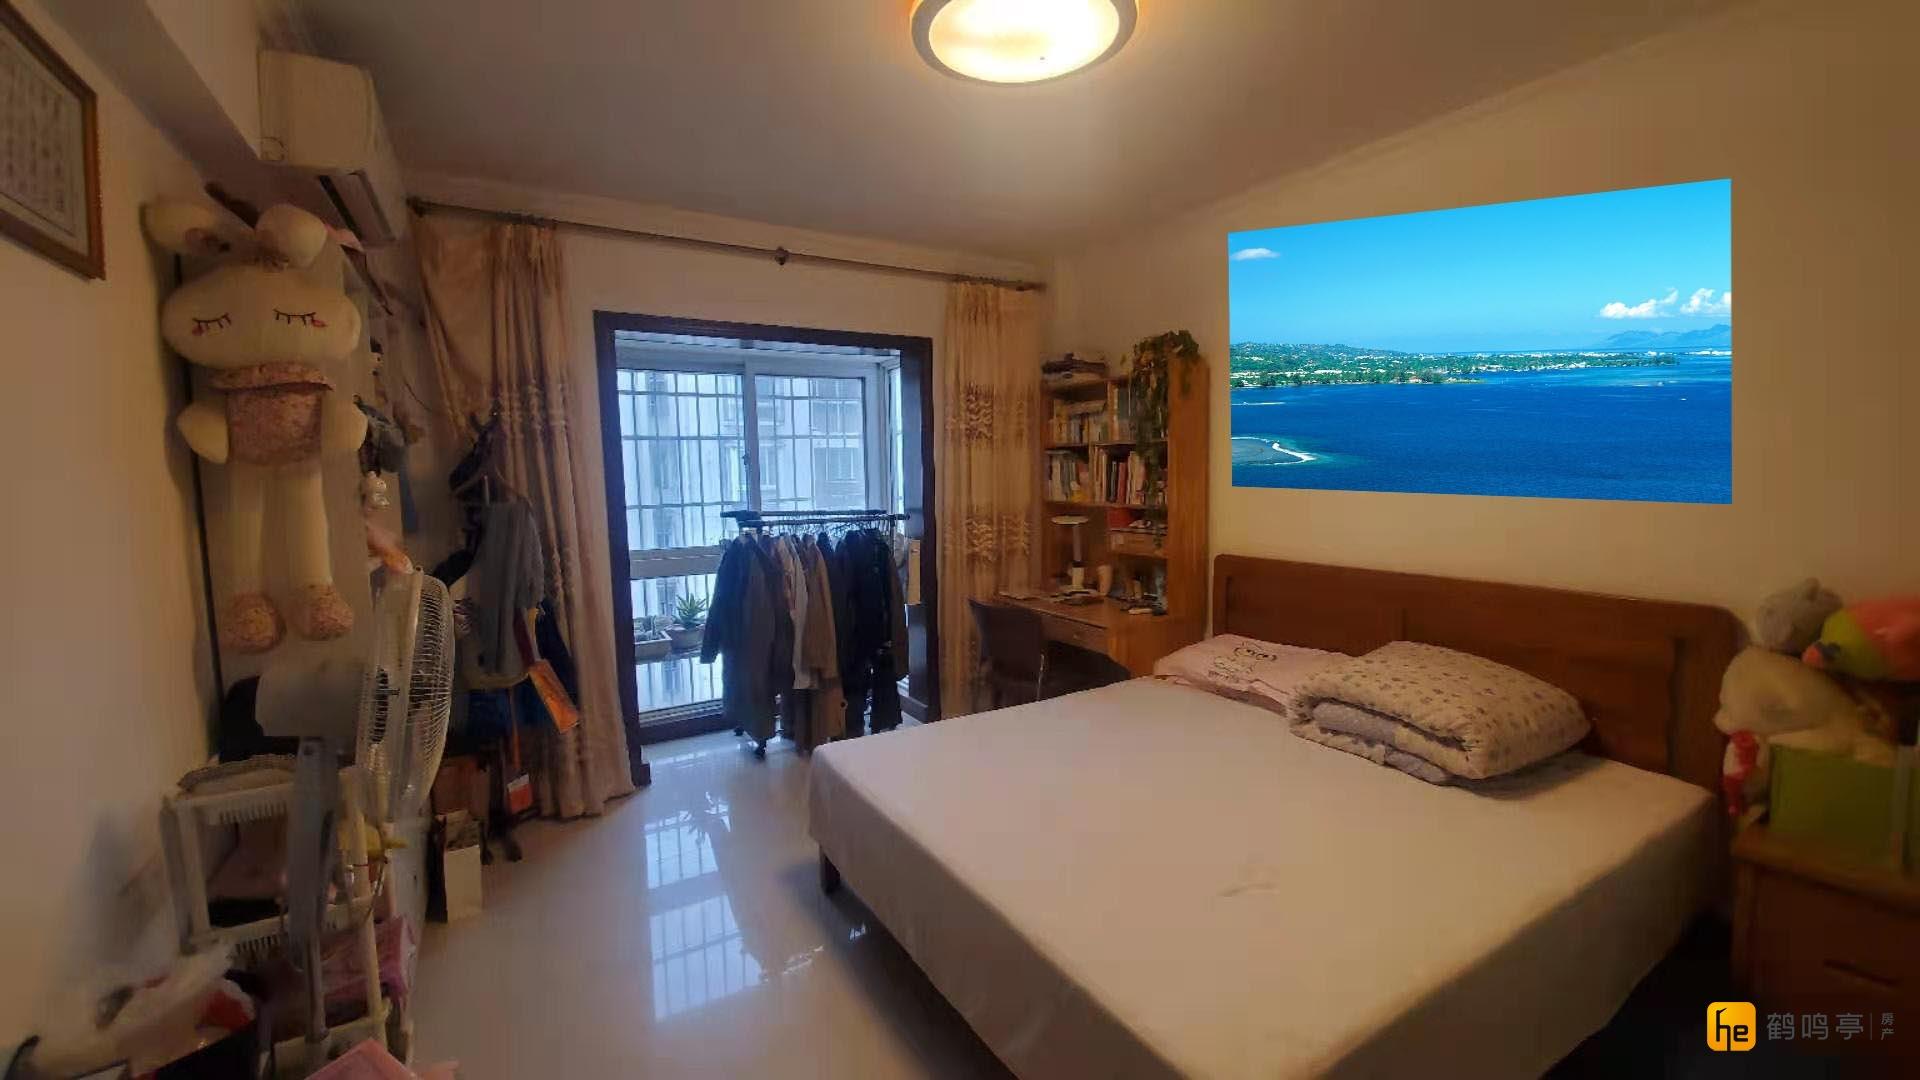 高成金水湾二室两厅一卫91平110万高铁旁 一小六合学区